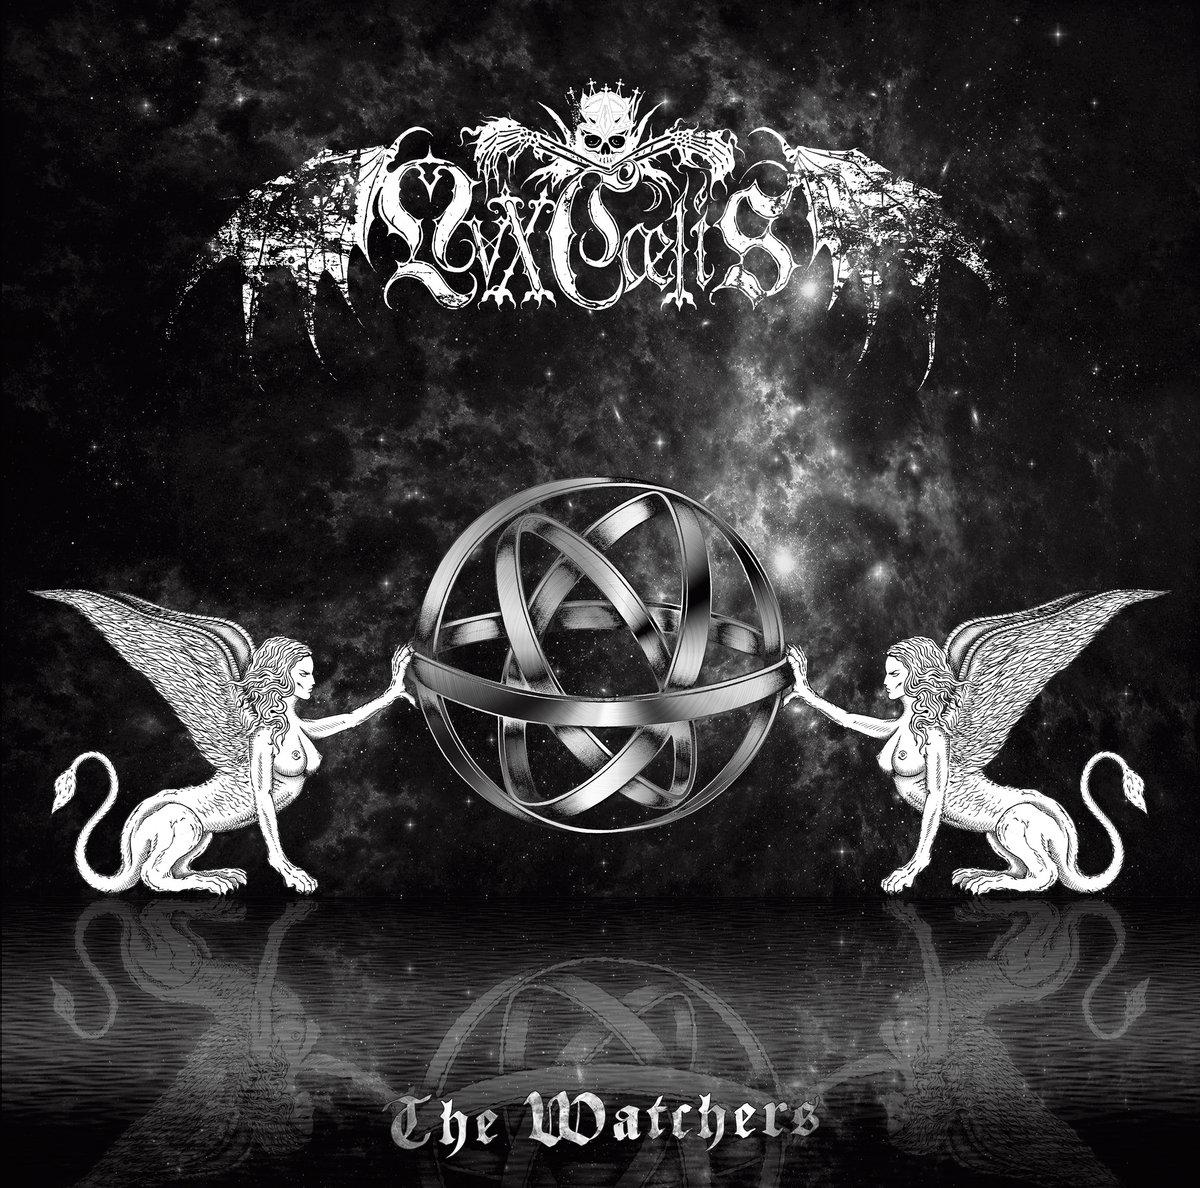 the watchers lvxcaelis